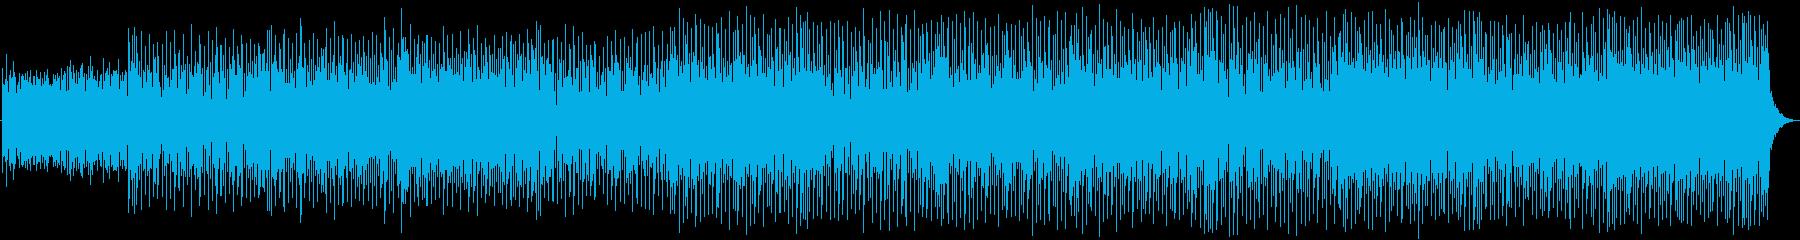 フレンドリーで軽いオリジナルのクリ...の再生済みの波形